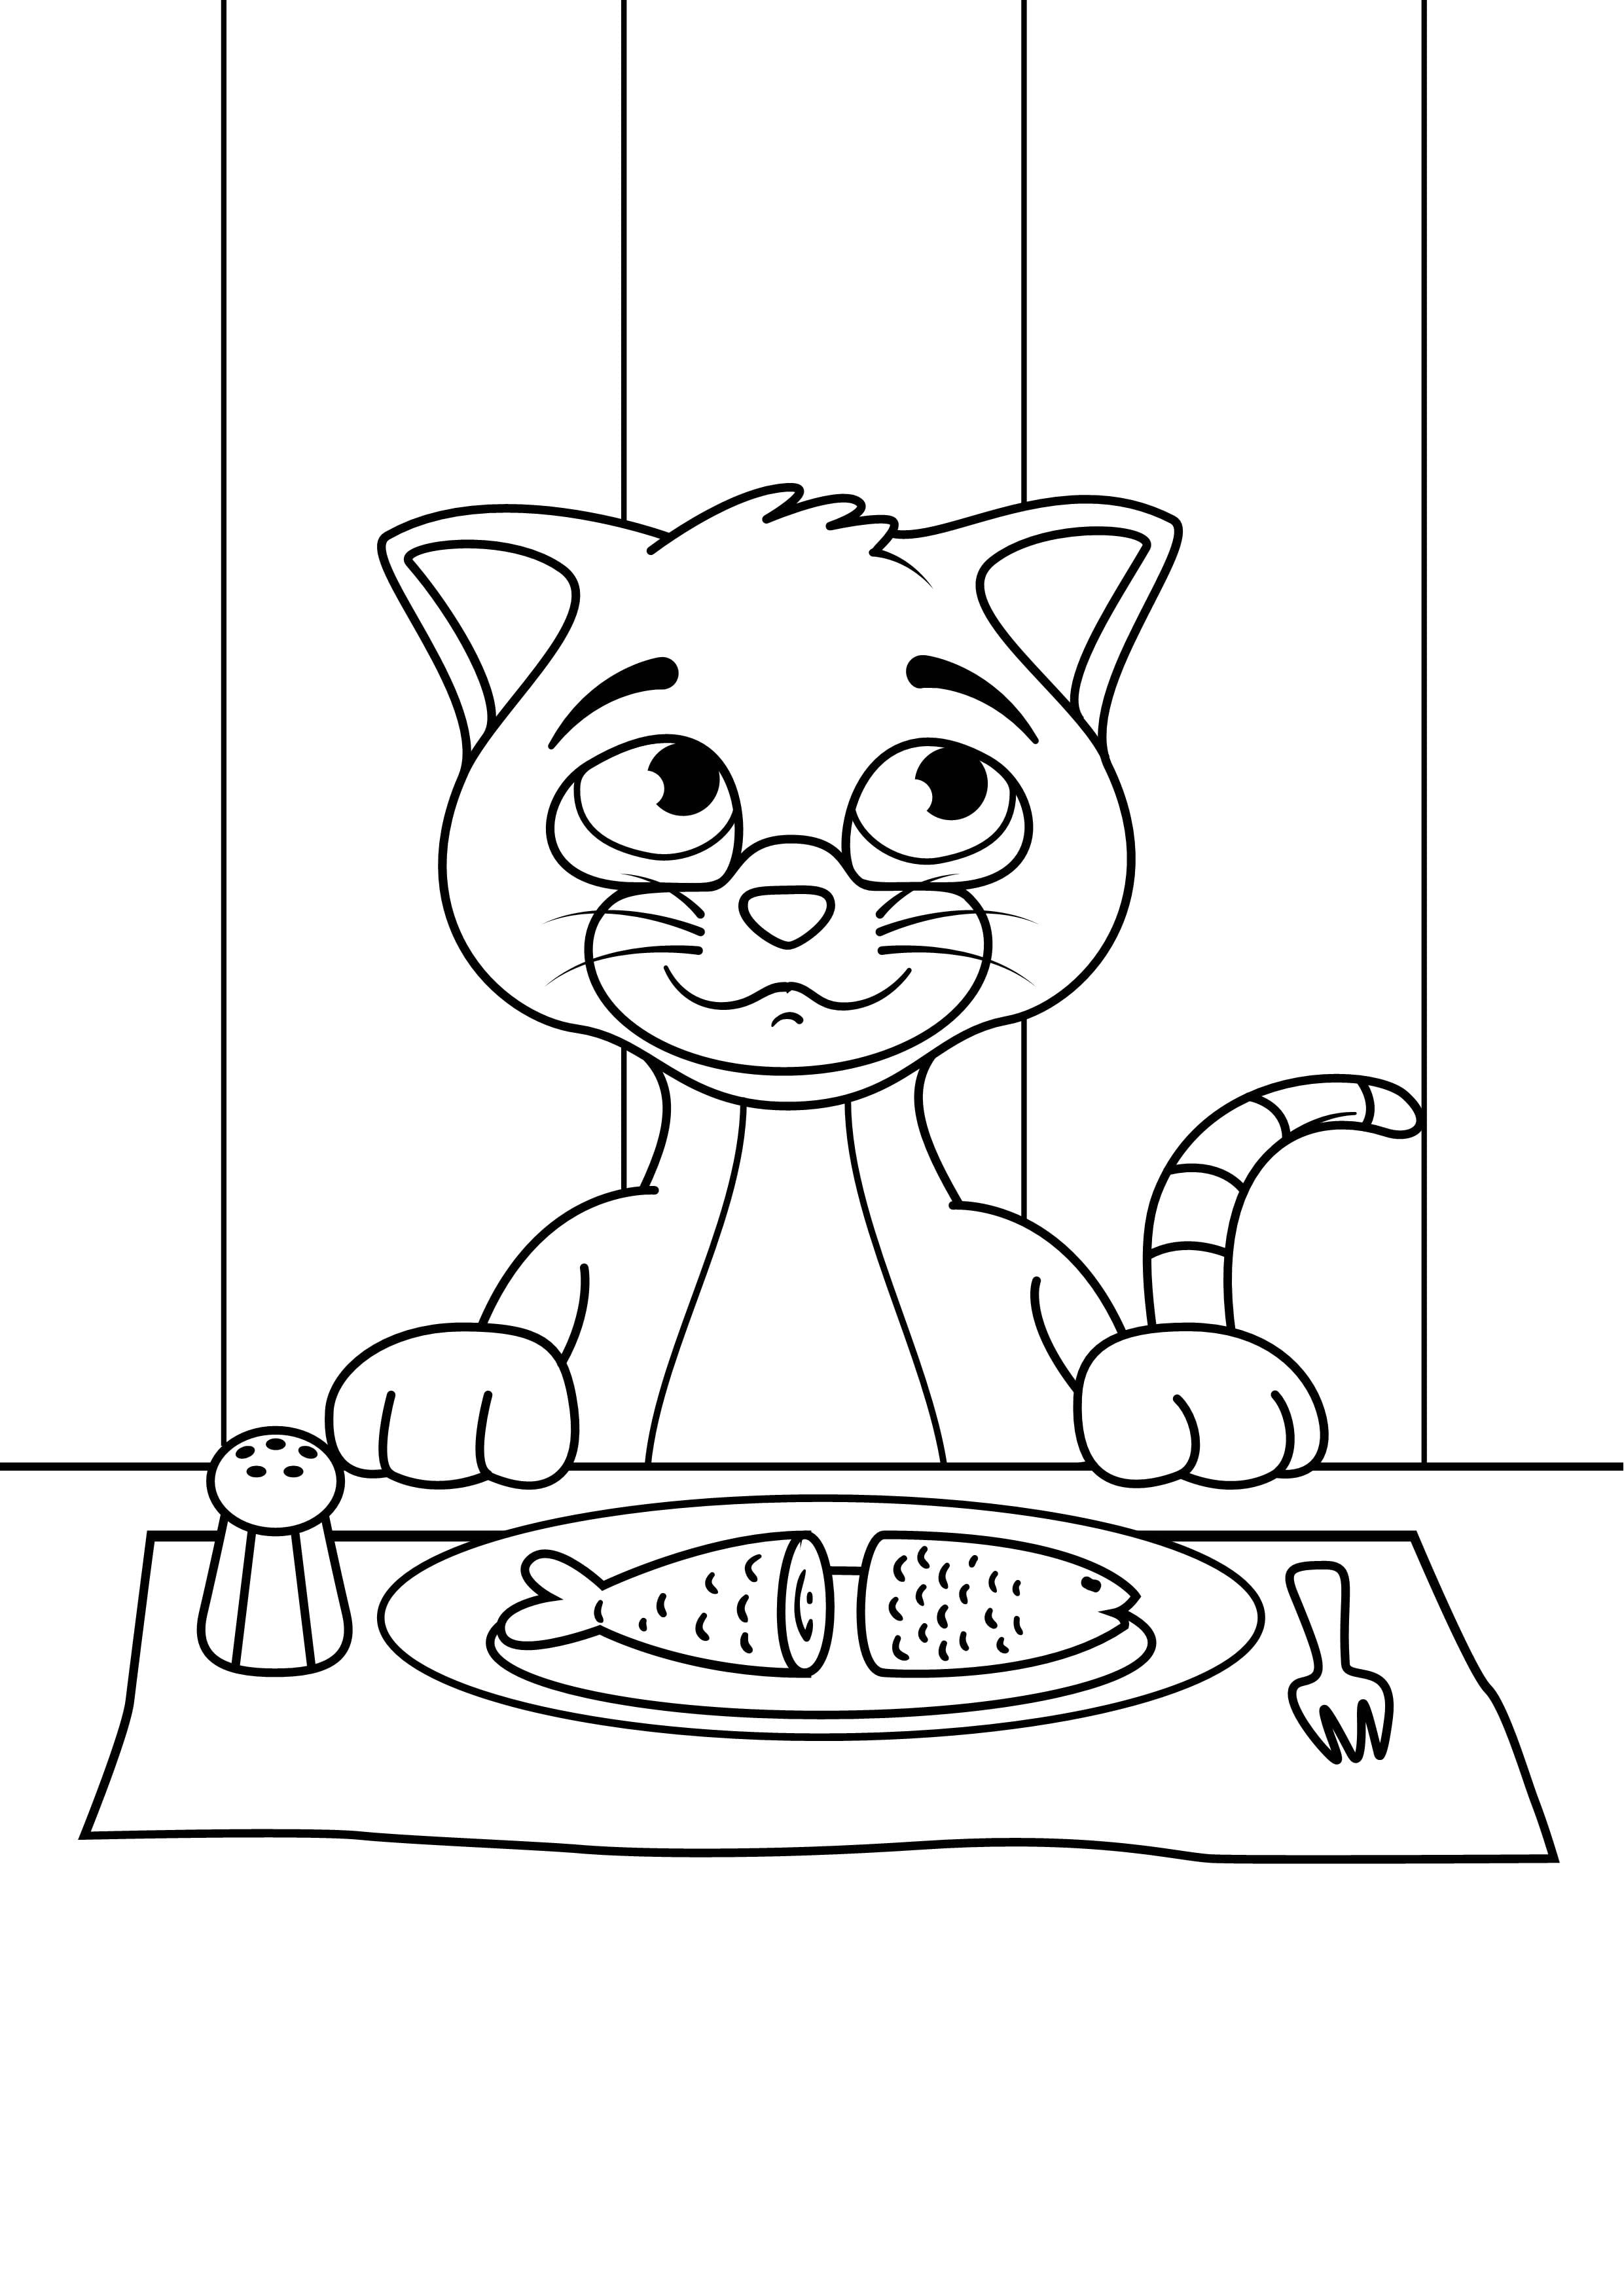 кошки раскраски антистресс - Рисовака